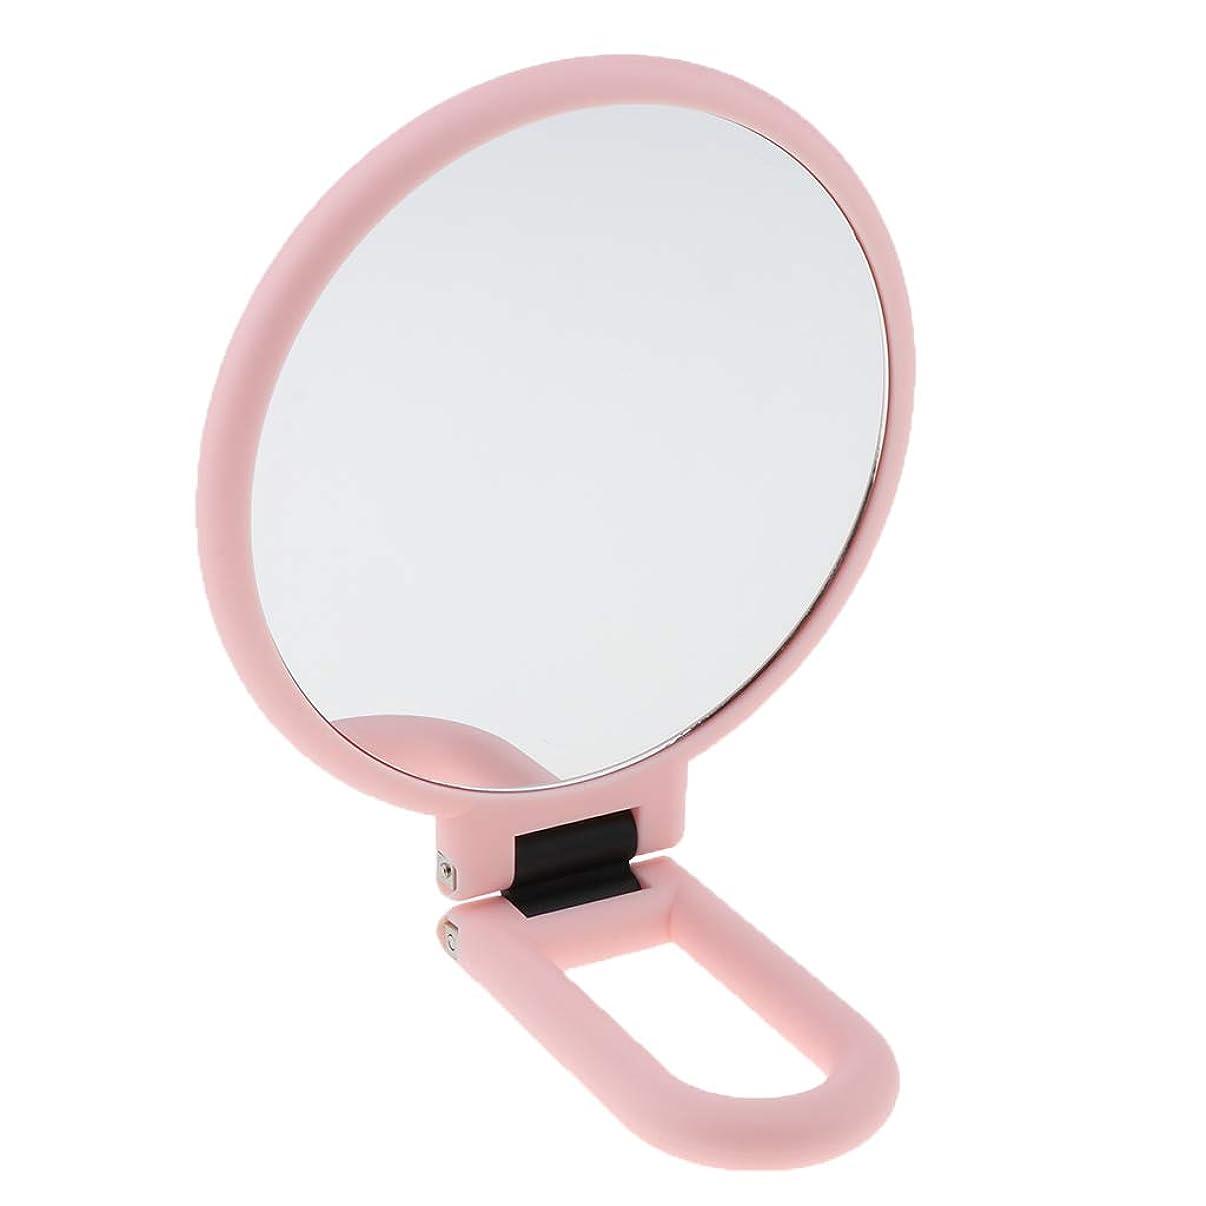 滝チャンス聴覚障害者CUTICATE 化粧鏡 ミラー 化粧ミラー 折りたたみ式 両面 拡大鏡 全3選択 - 2倍拡大